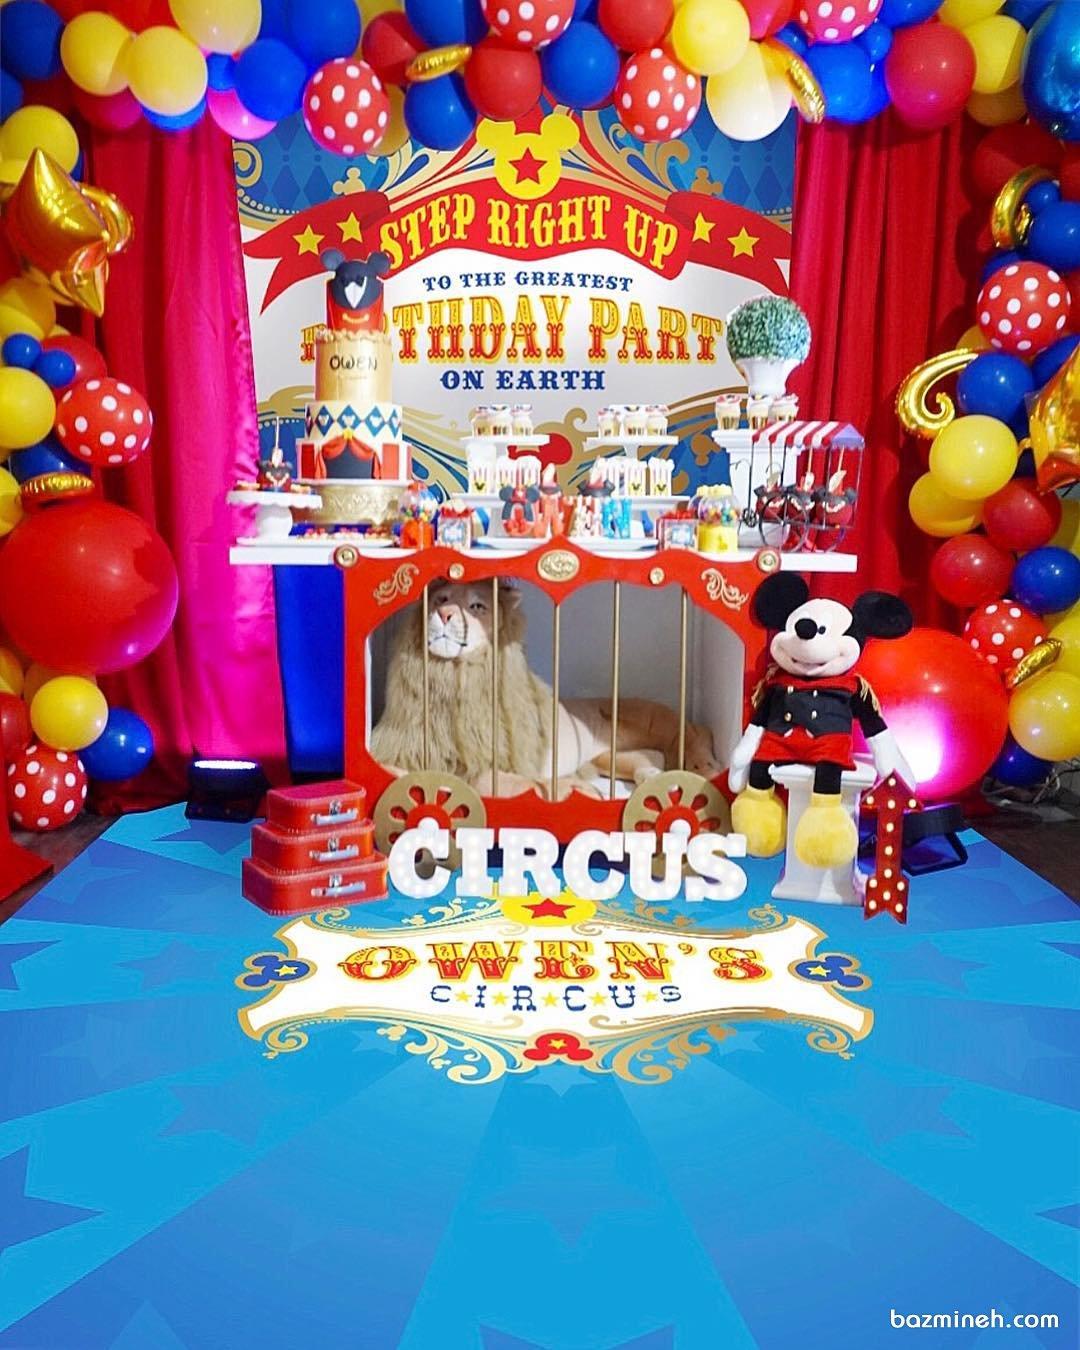 دکوراسیون و بادکنک آرایی شاد و رنگارنگ جشن تولد کودک با تم سیرک و ایده درست کردن قفس شیر در پایین میز پذیرایی